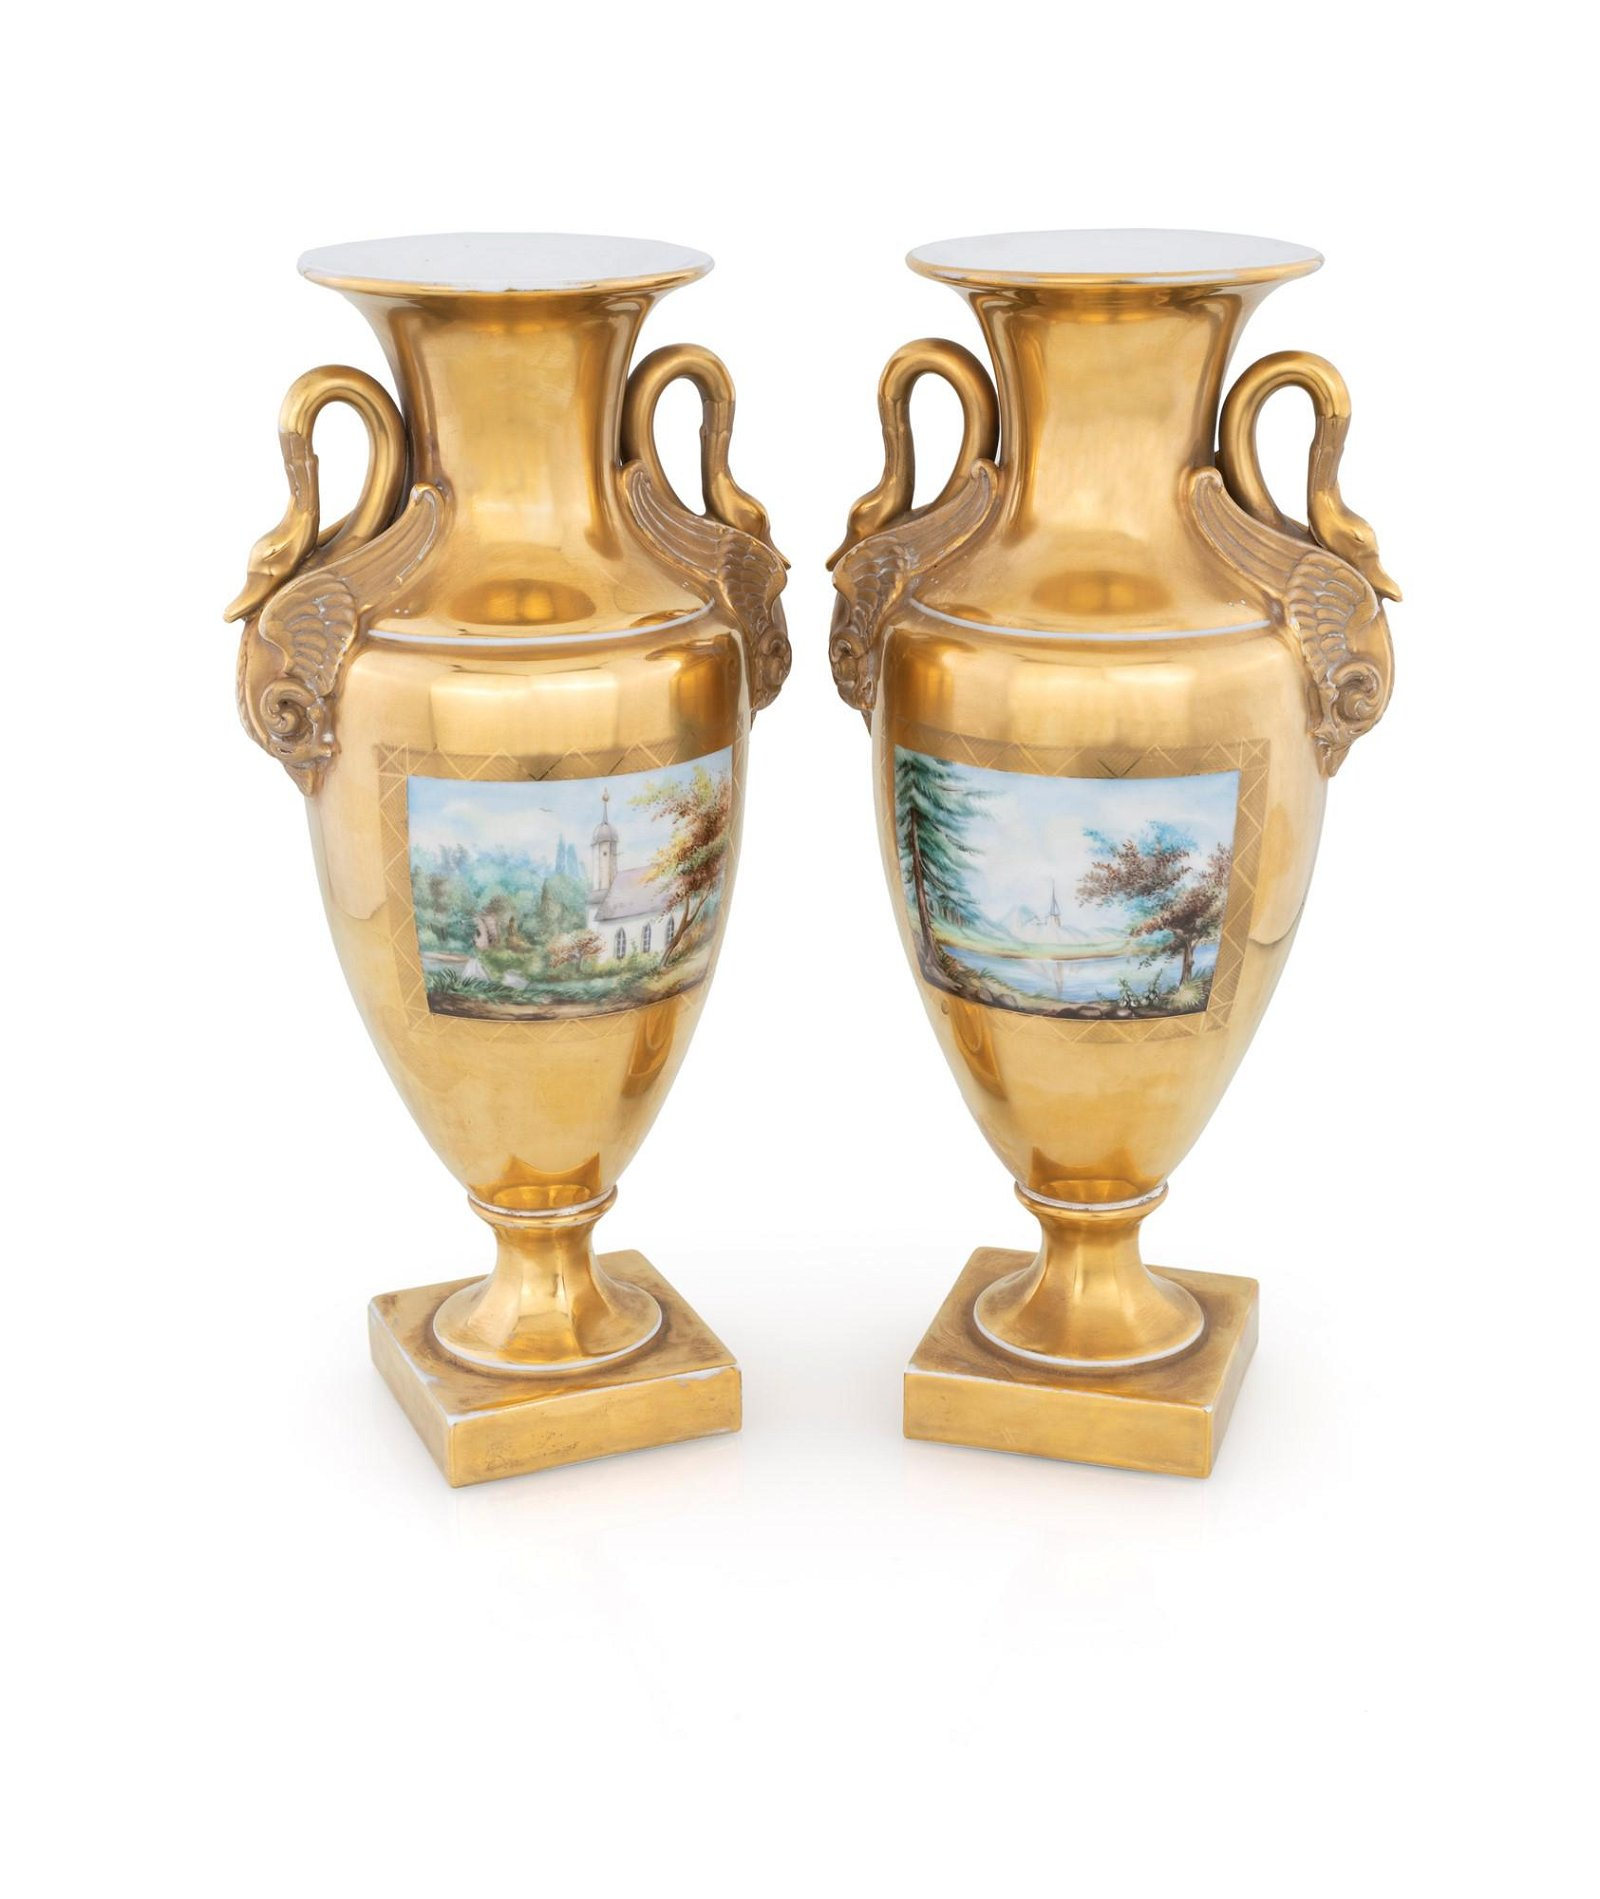 Pair of gilded porcelain vases